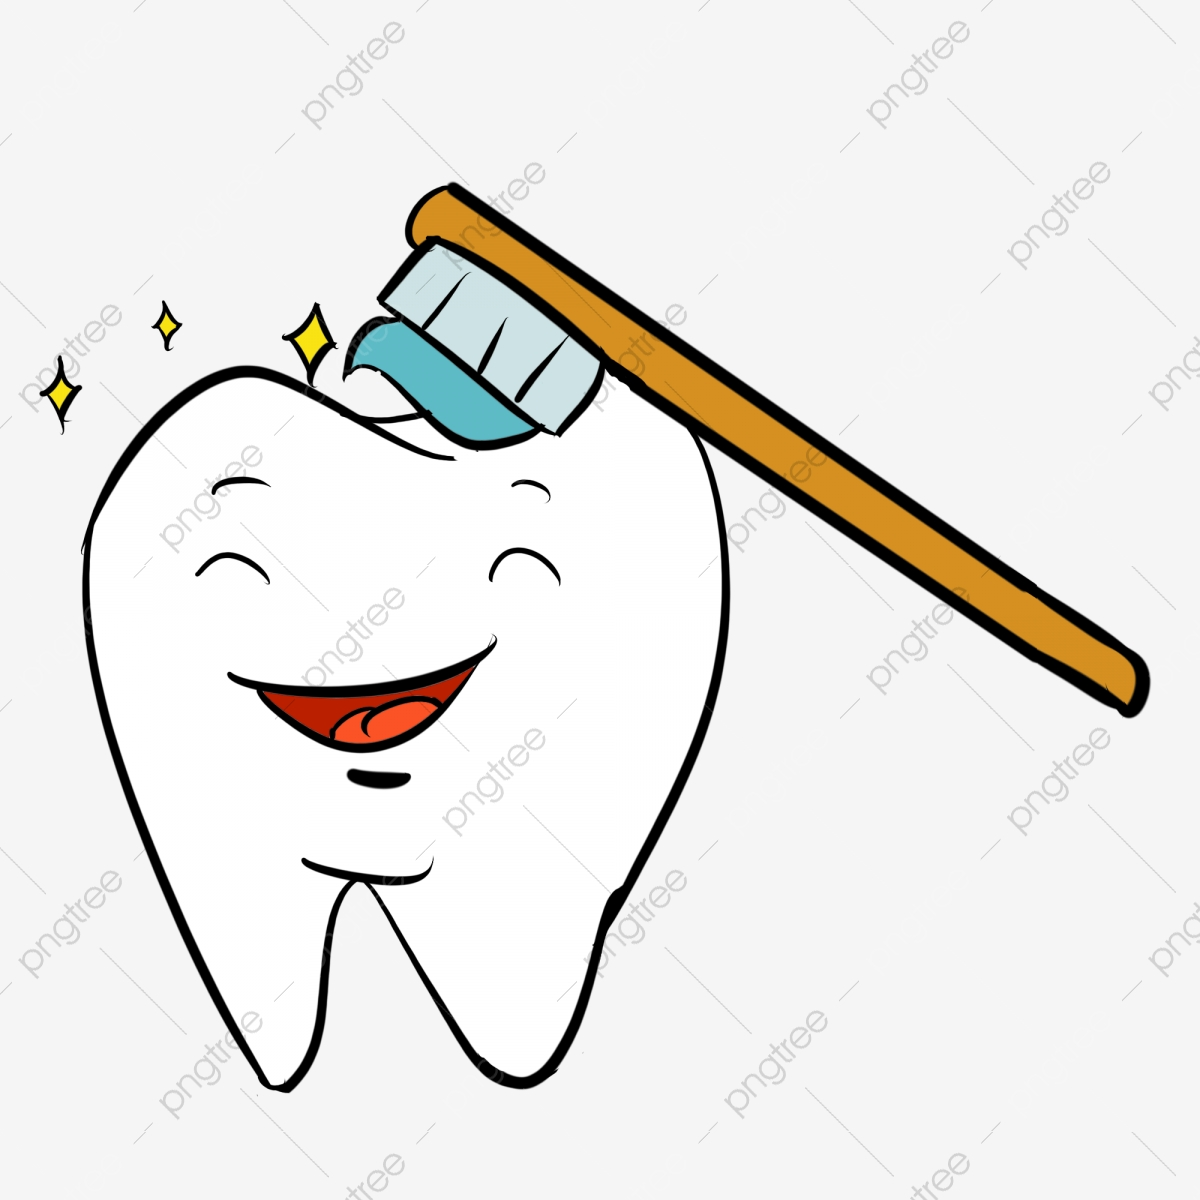 Desenho Dentes Cariados O Exame Da Cavidade Oral A Carie